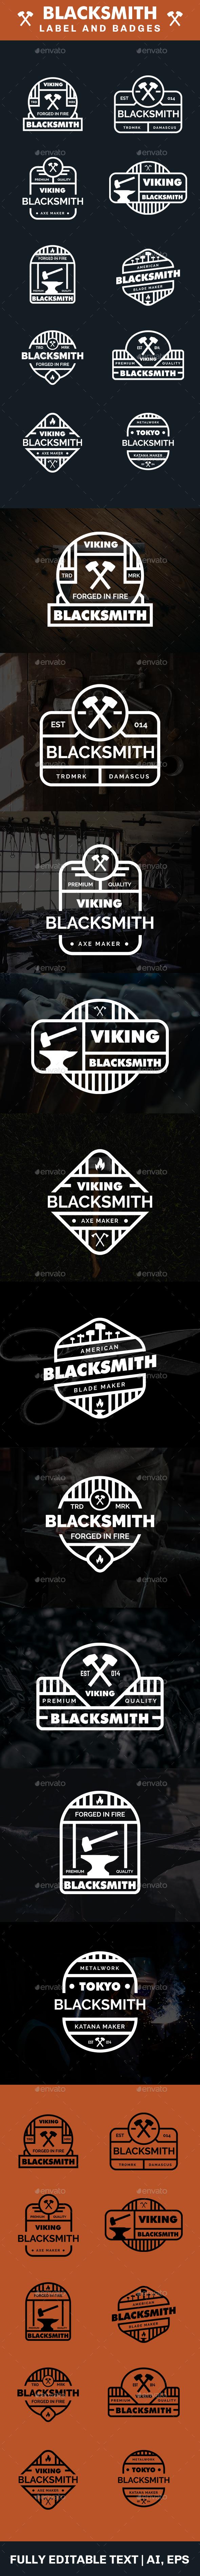 Blacksmith Logo and Badges - Badges & Stickers Web Elements